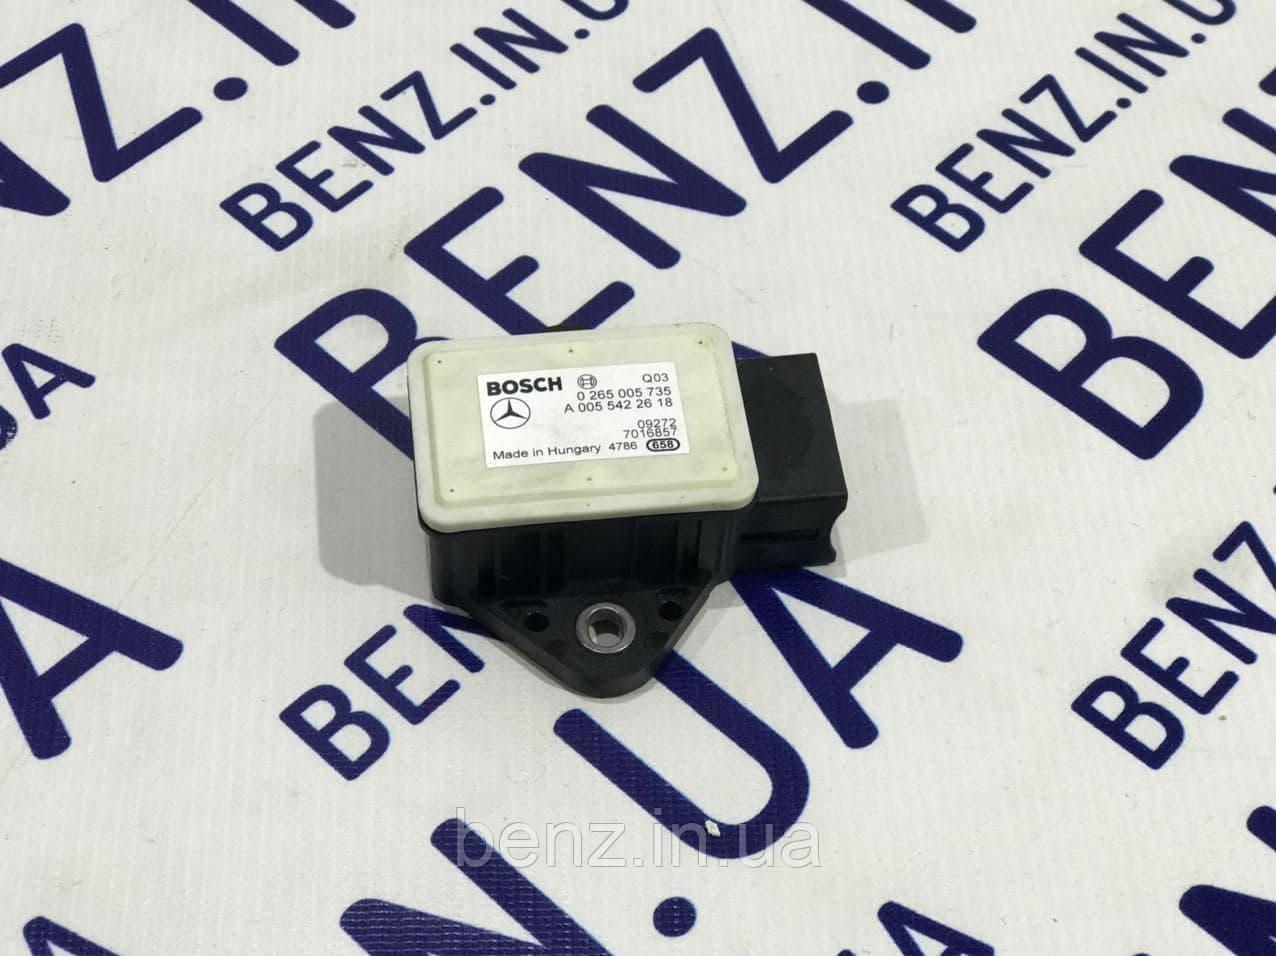 Датчик прискорення C207/W212/C218/W204 A0055422618